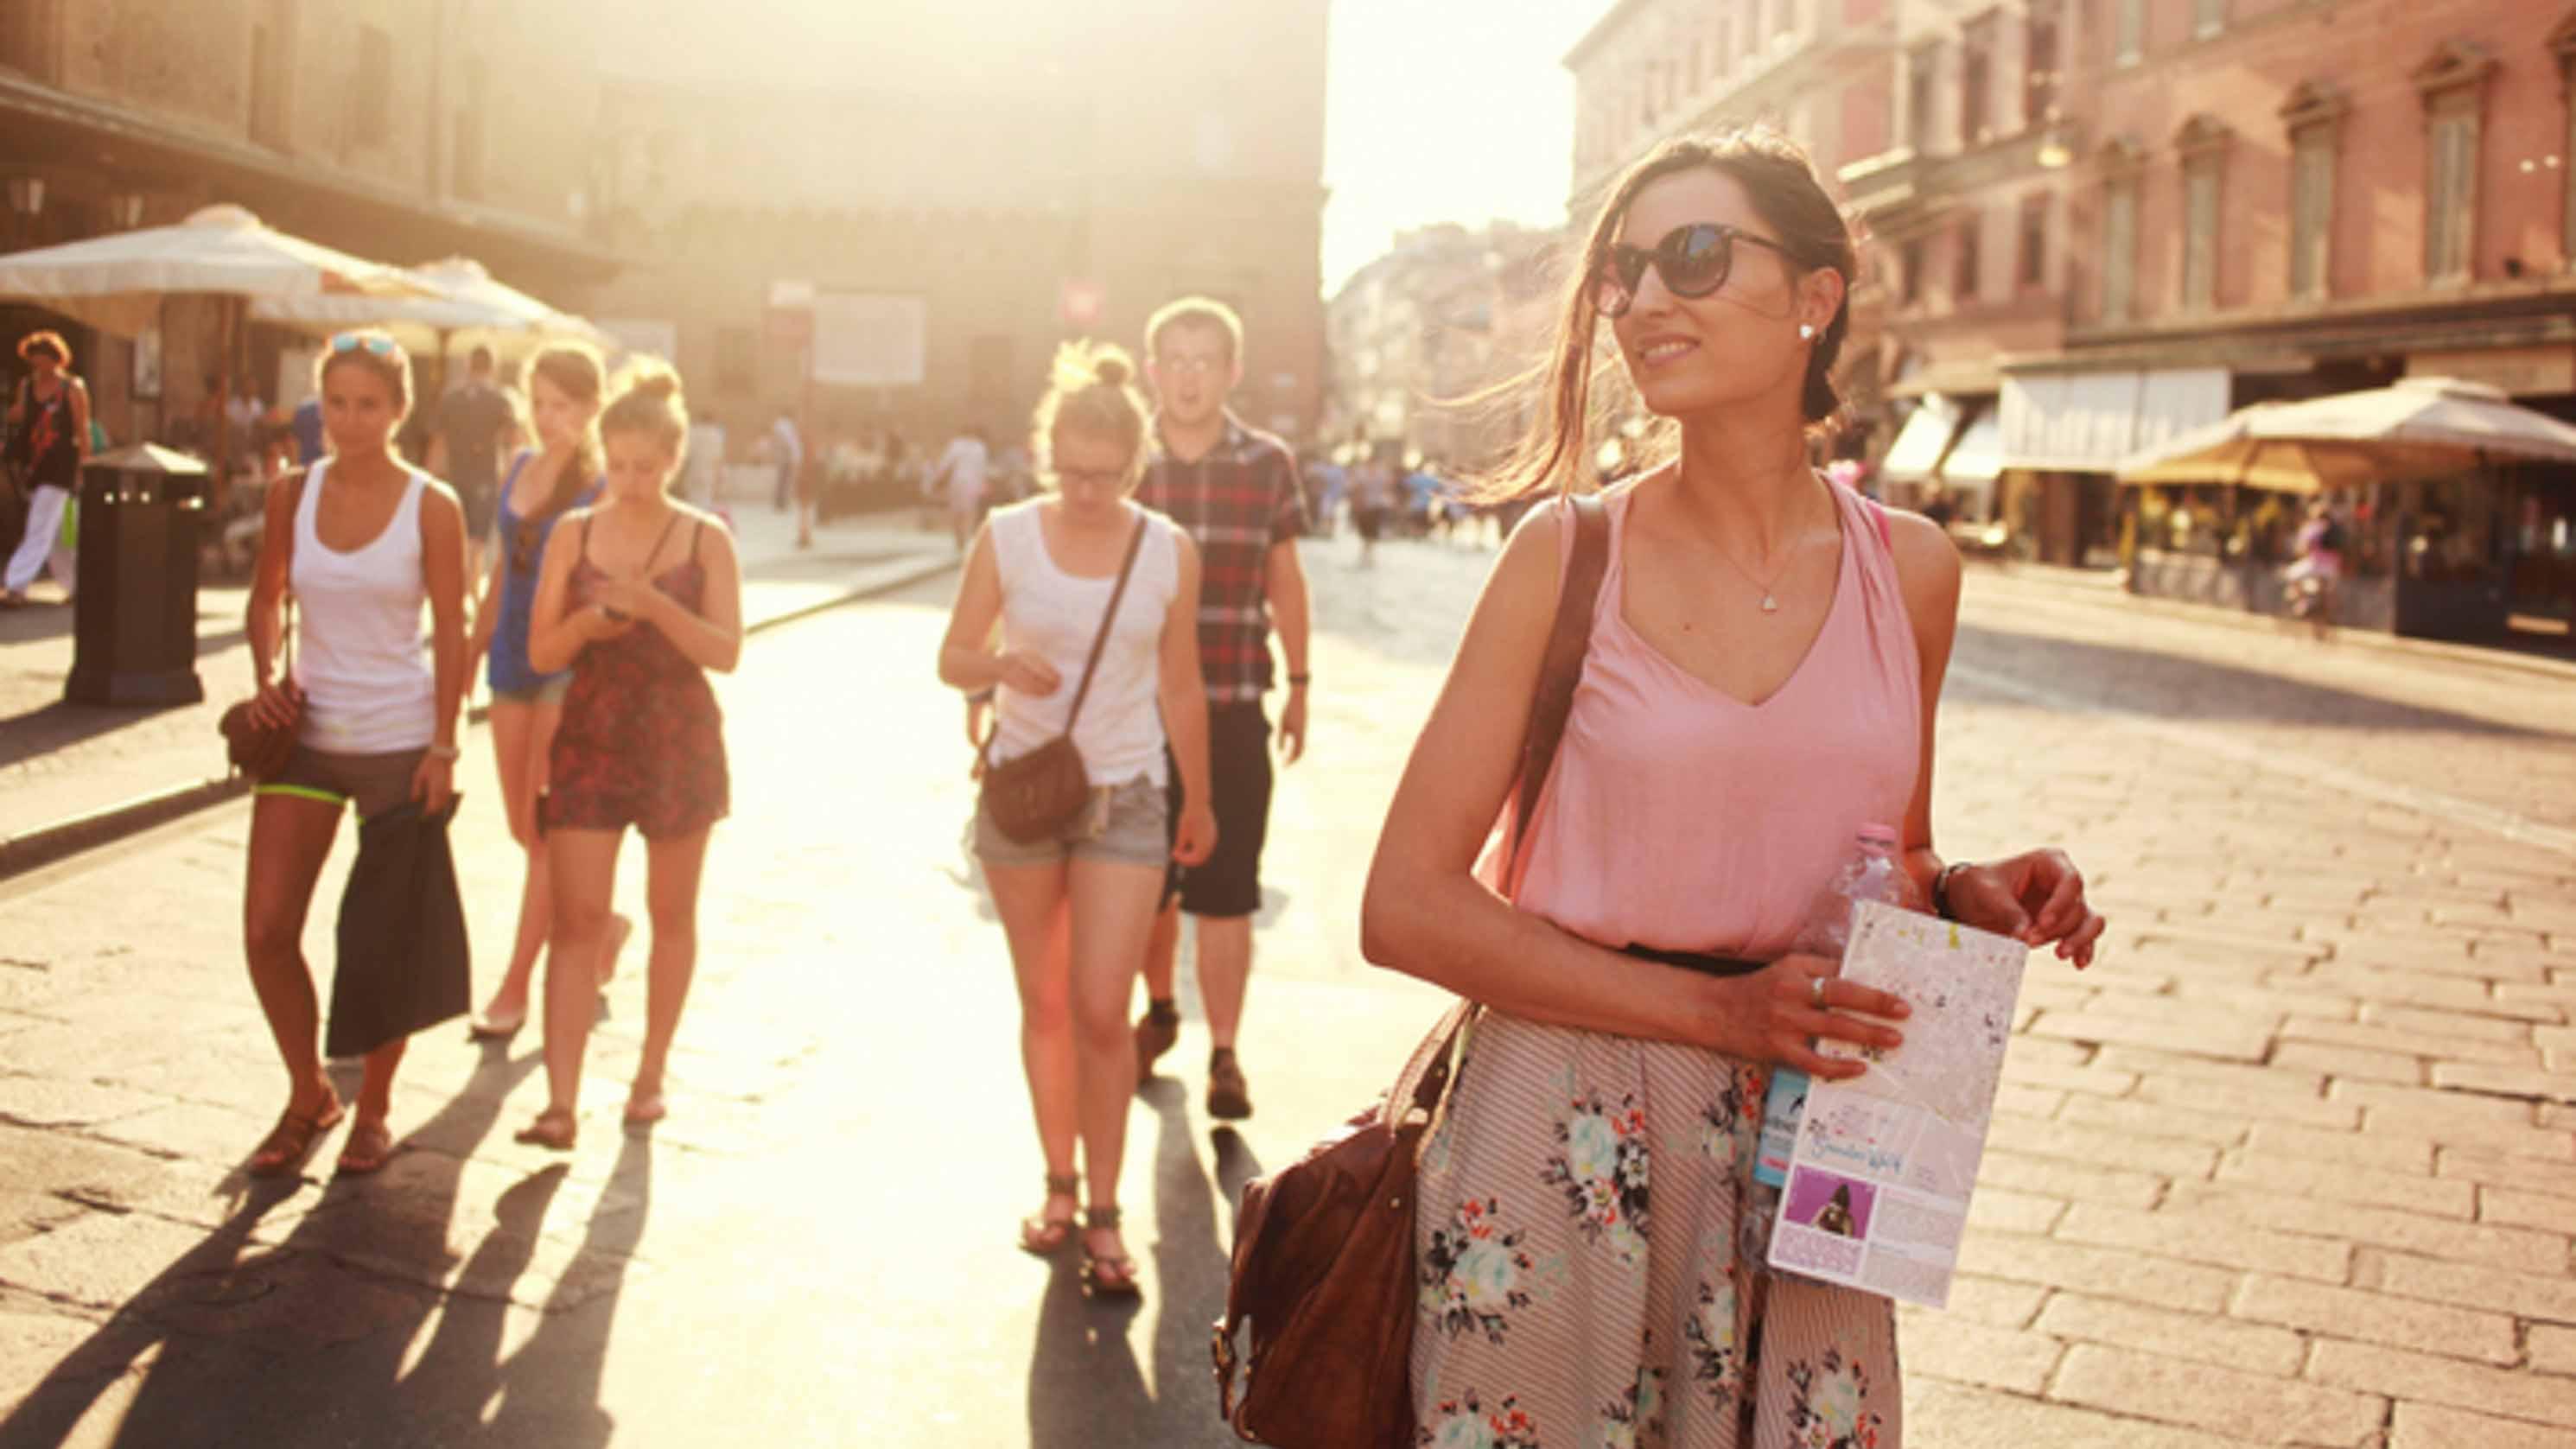 La migliore meta turistica? per Lonely Planet è l'Emilia Romagna